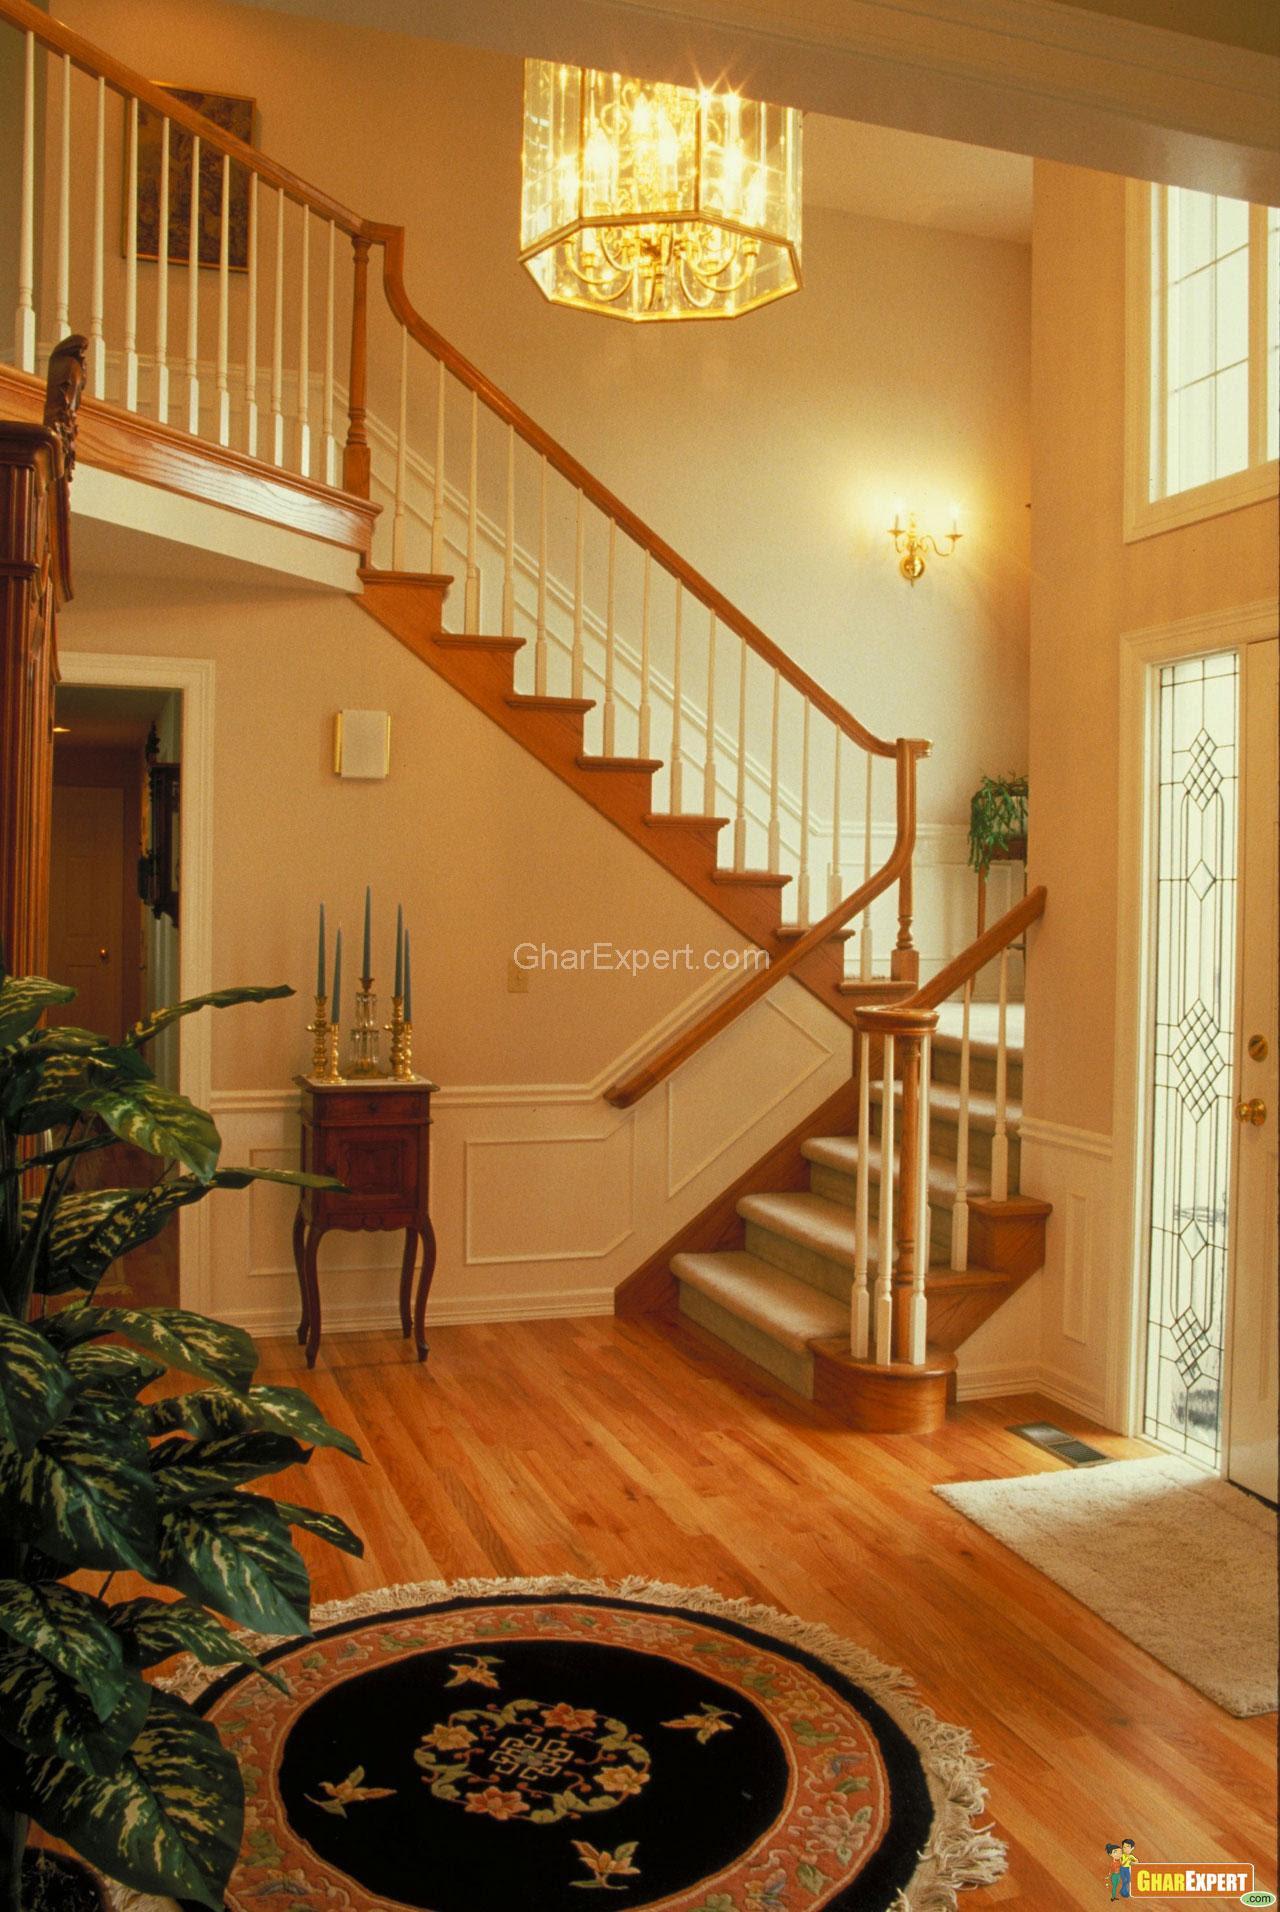 Internal Stairs - GharExpert